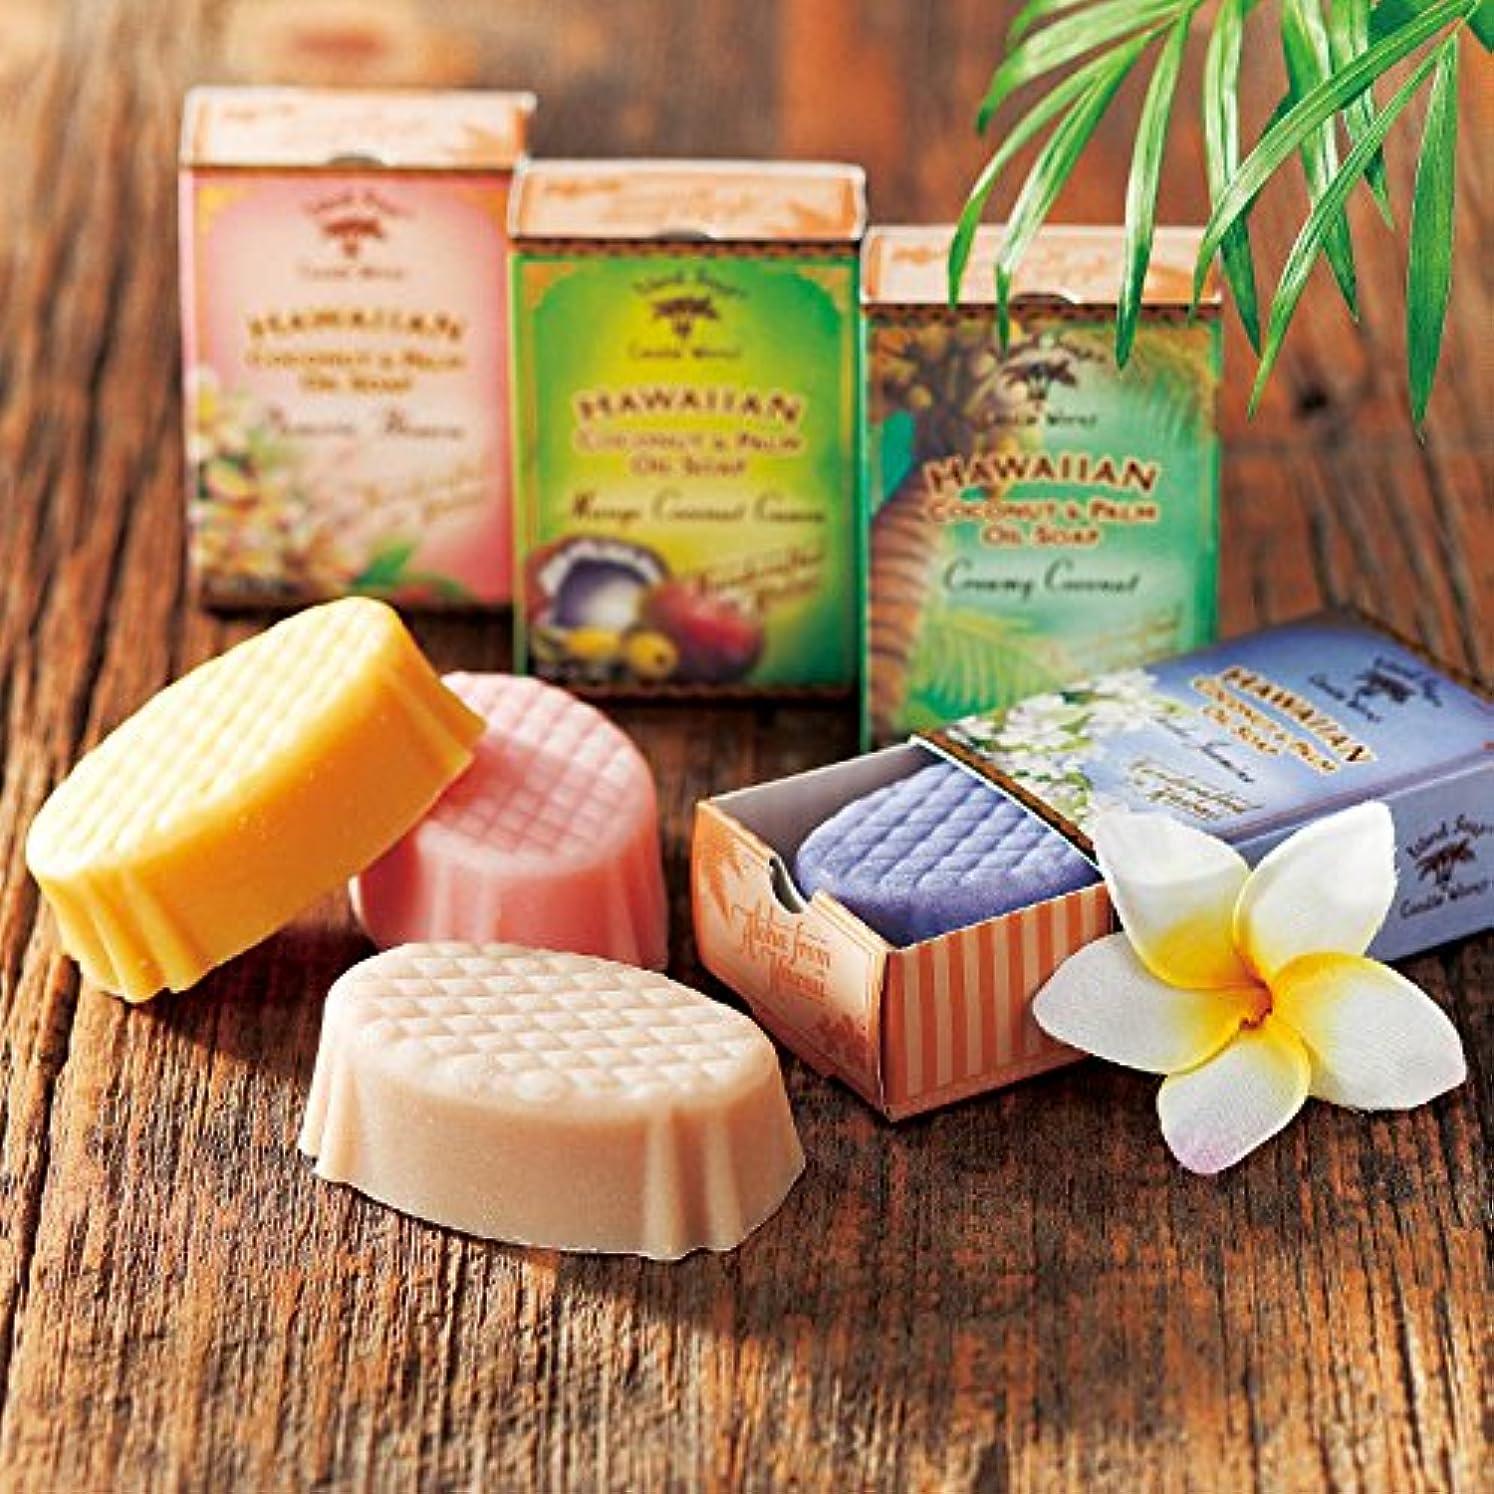 勇気通り抜けるエンターテインメントハワイ 土産 アイランドソープ ココナッツソープ 4種セット (海外旅行 ハワイ お土産)